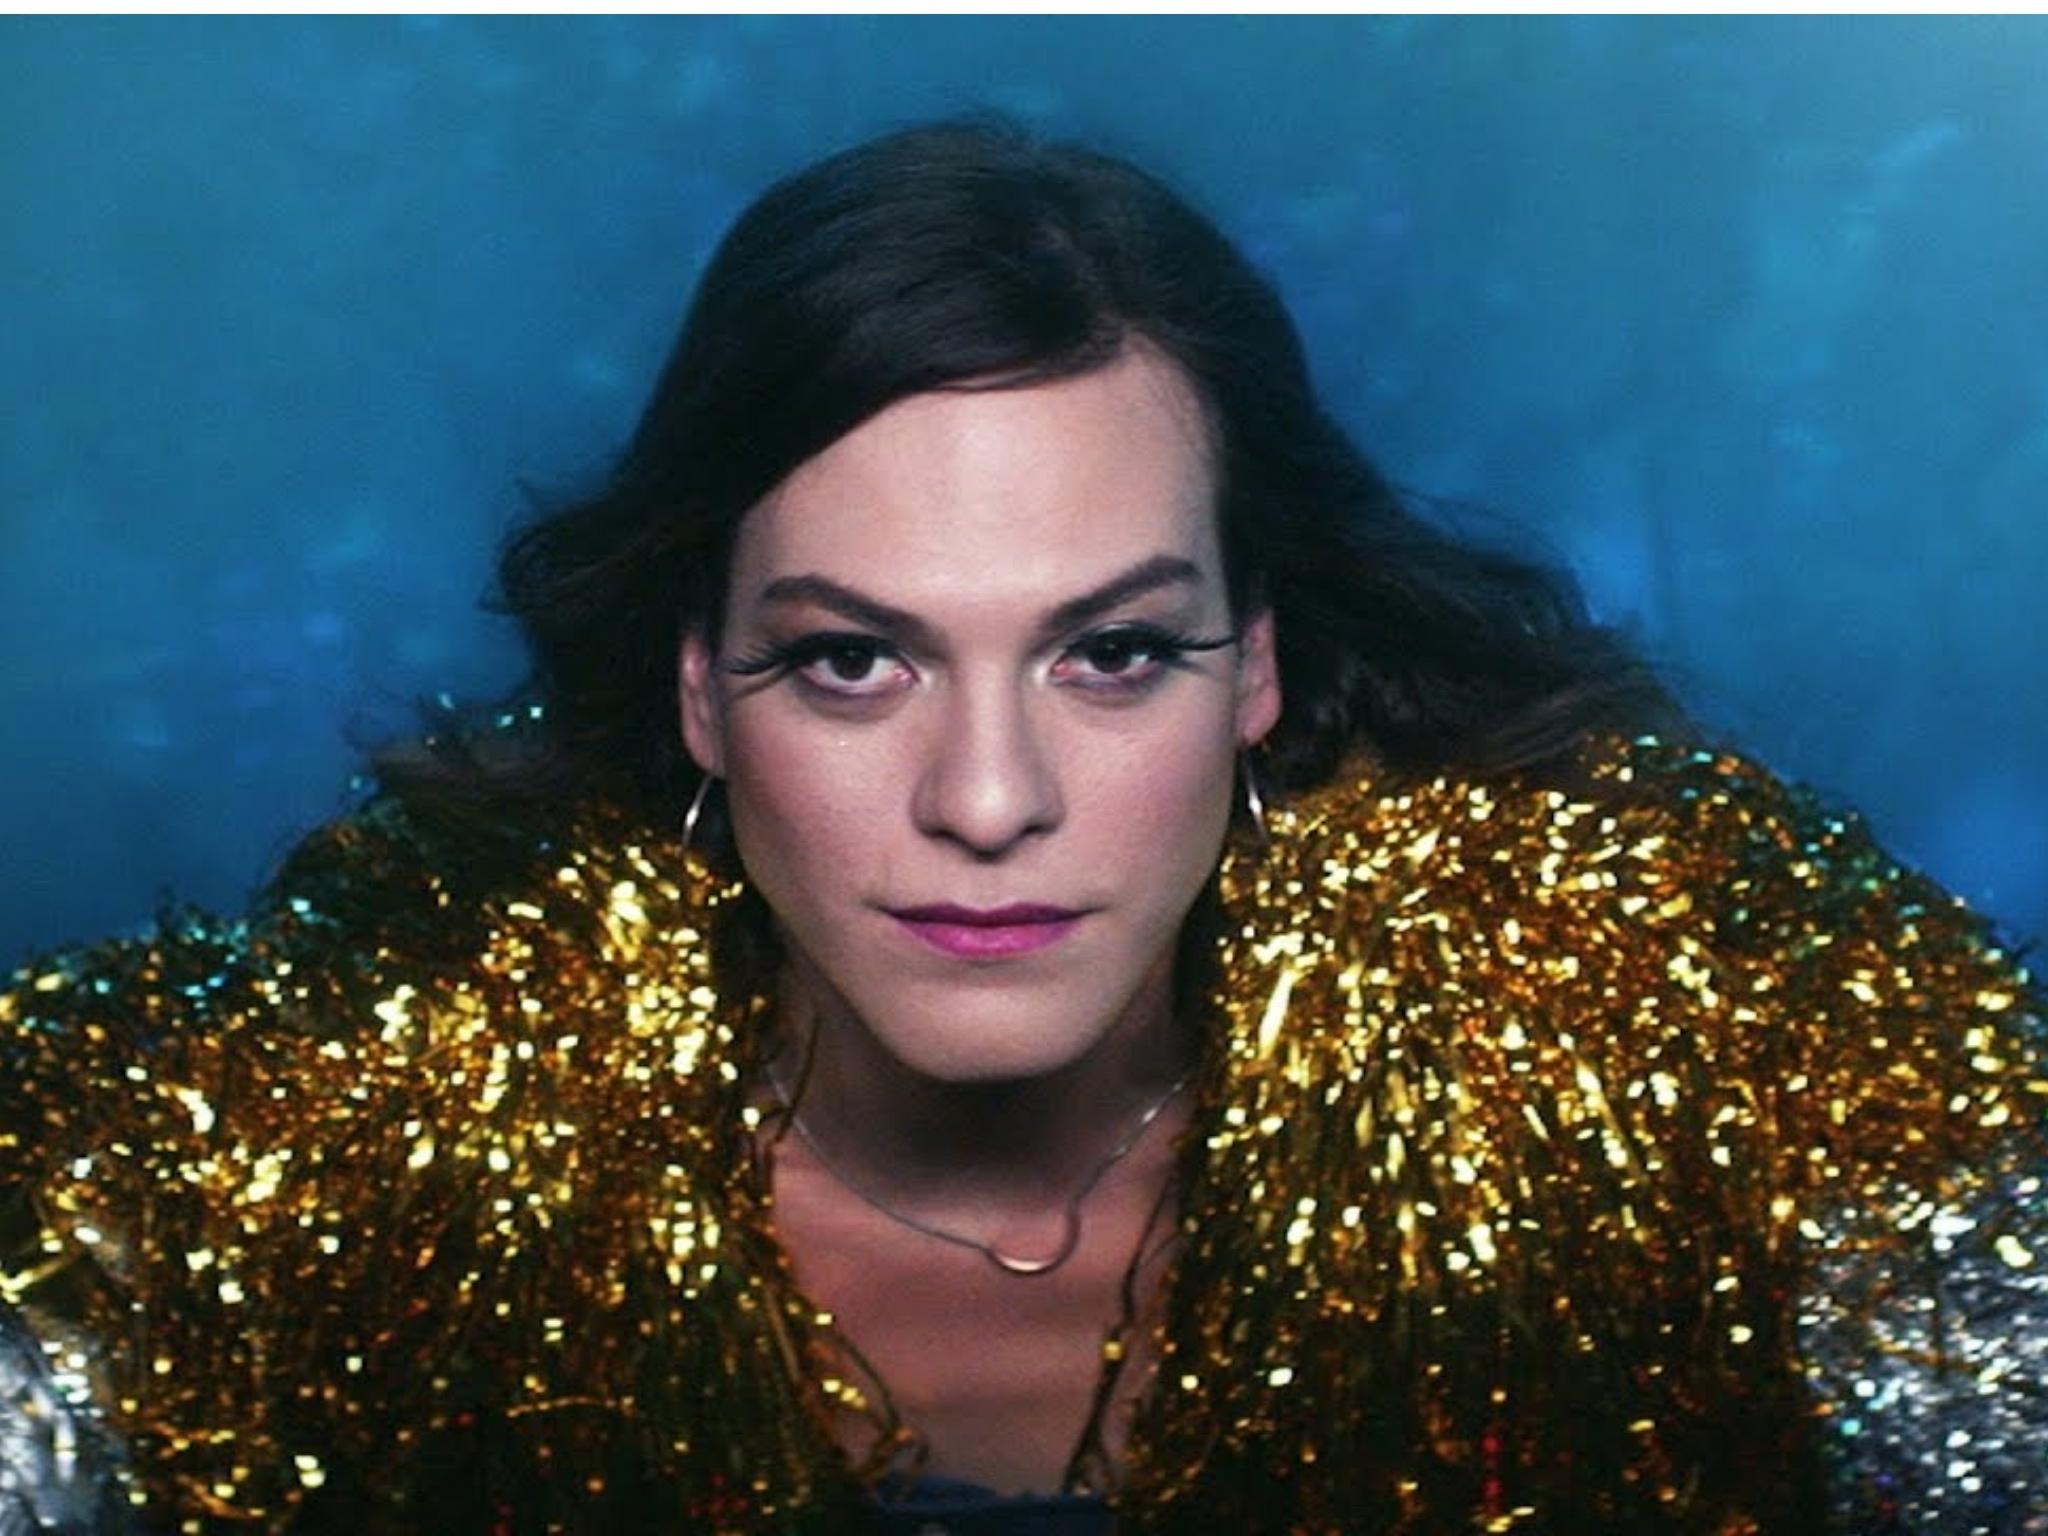 Una mujer fantástica, película chilena dirigida por Sebastián Lelio